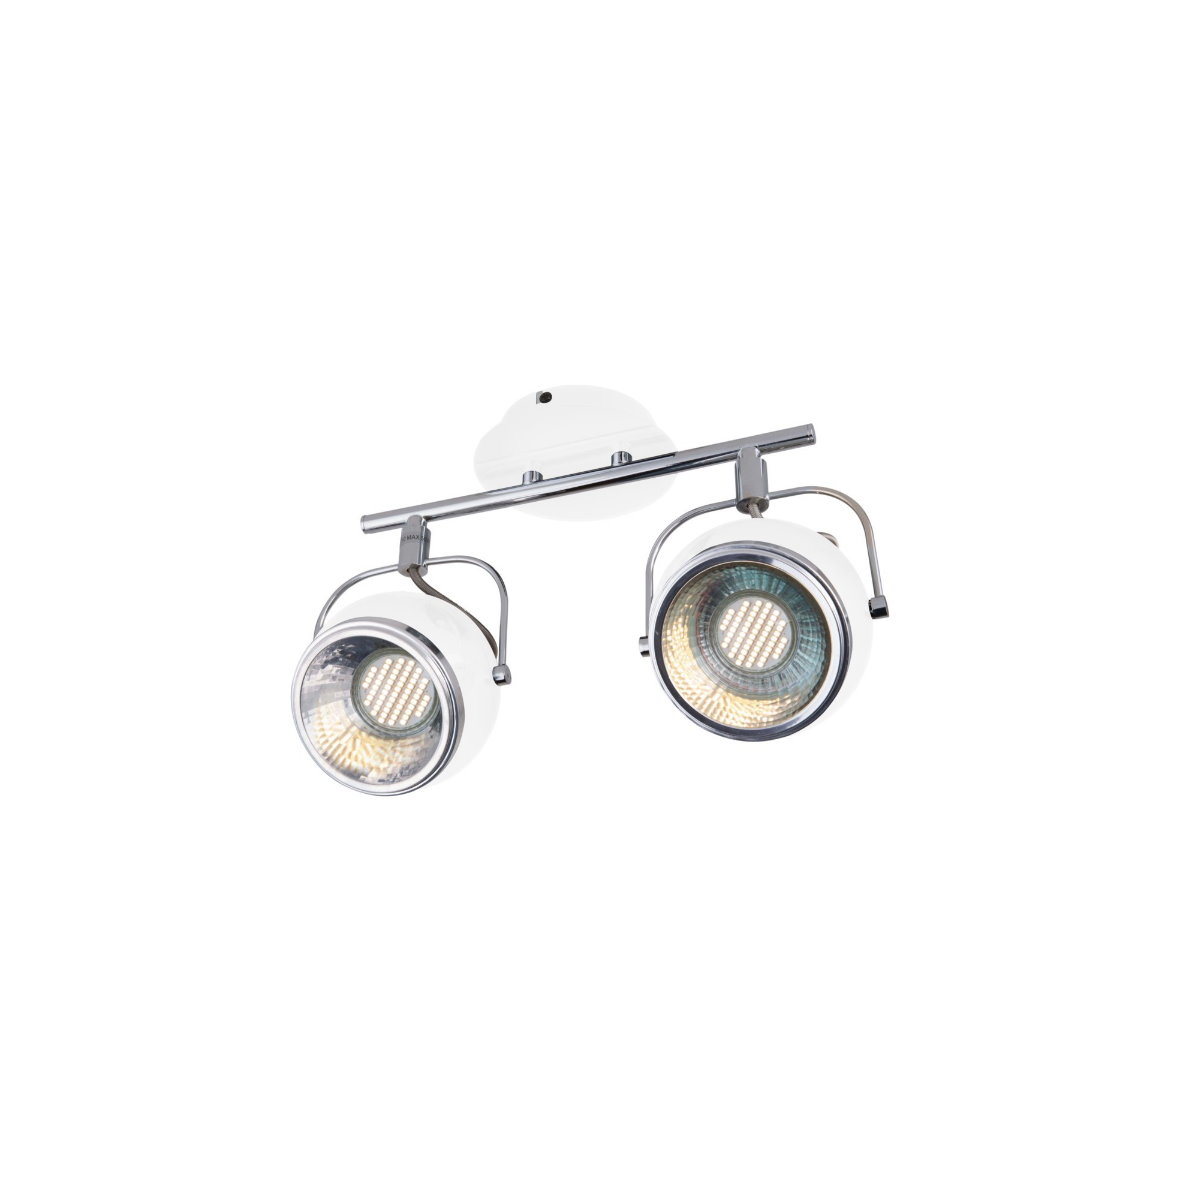 Strahler gu10 spot leuchte lampe decke deckenleuchte tisch for Deckenleuchte lampe